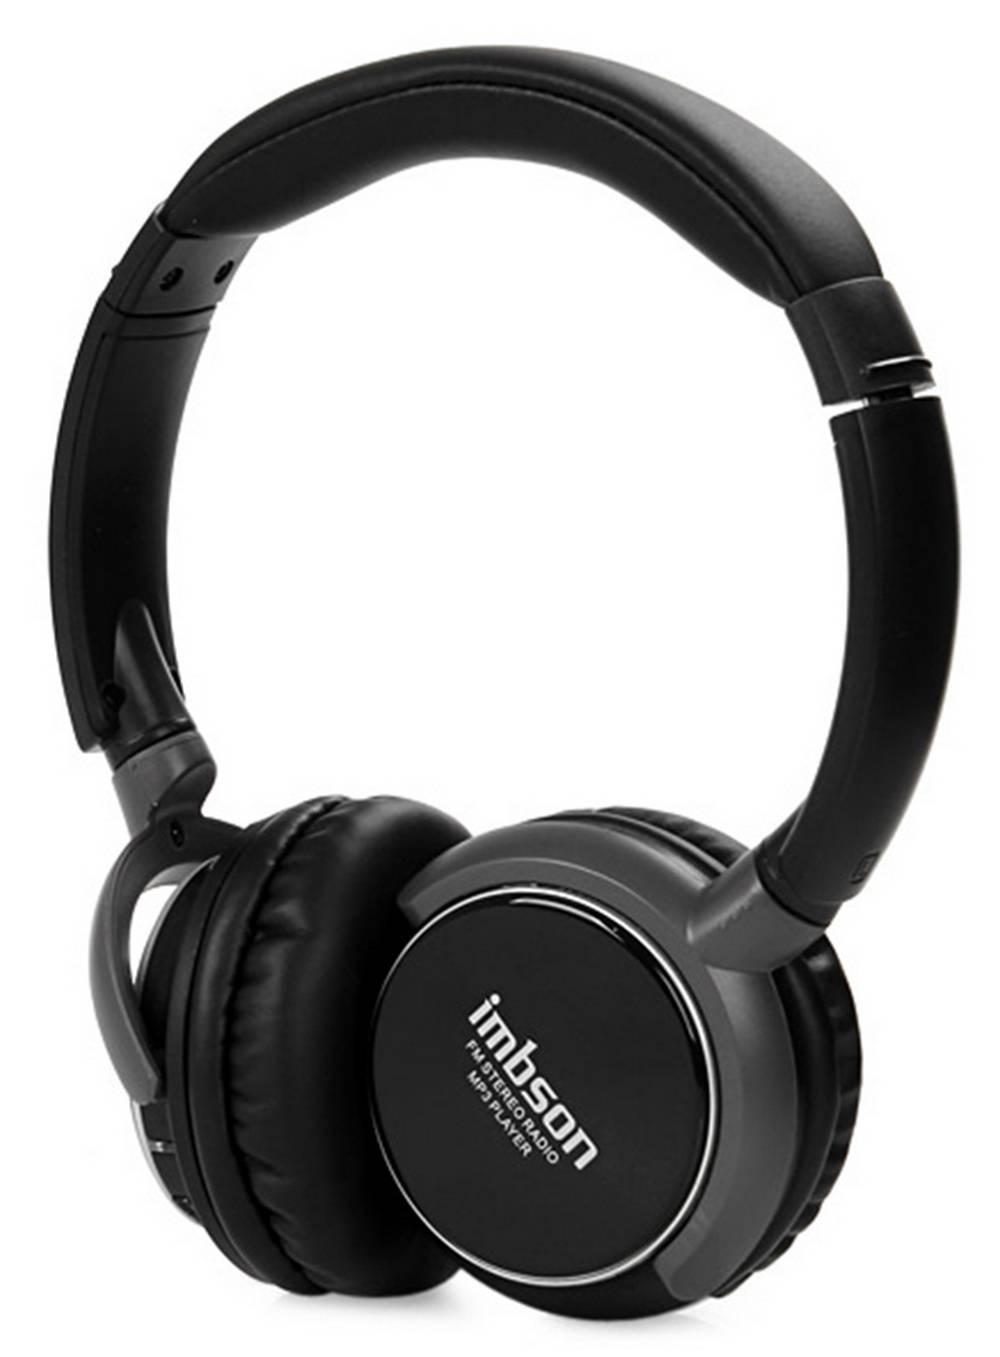 Ακουστικά Stereo Imbson Foldable iM-8001 3.5 mm Μαύρα με Ραδιόφωνο FM και MP3 Player με Κάρτα Μνήμης Micro SD